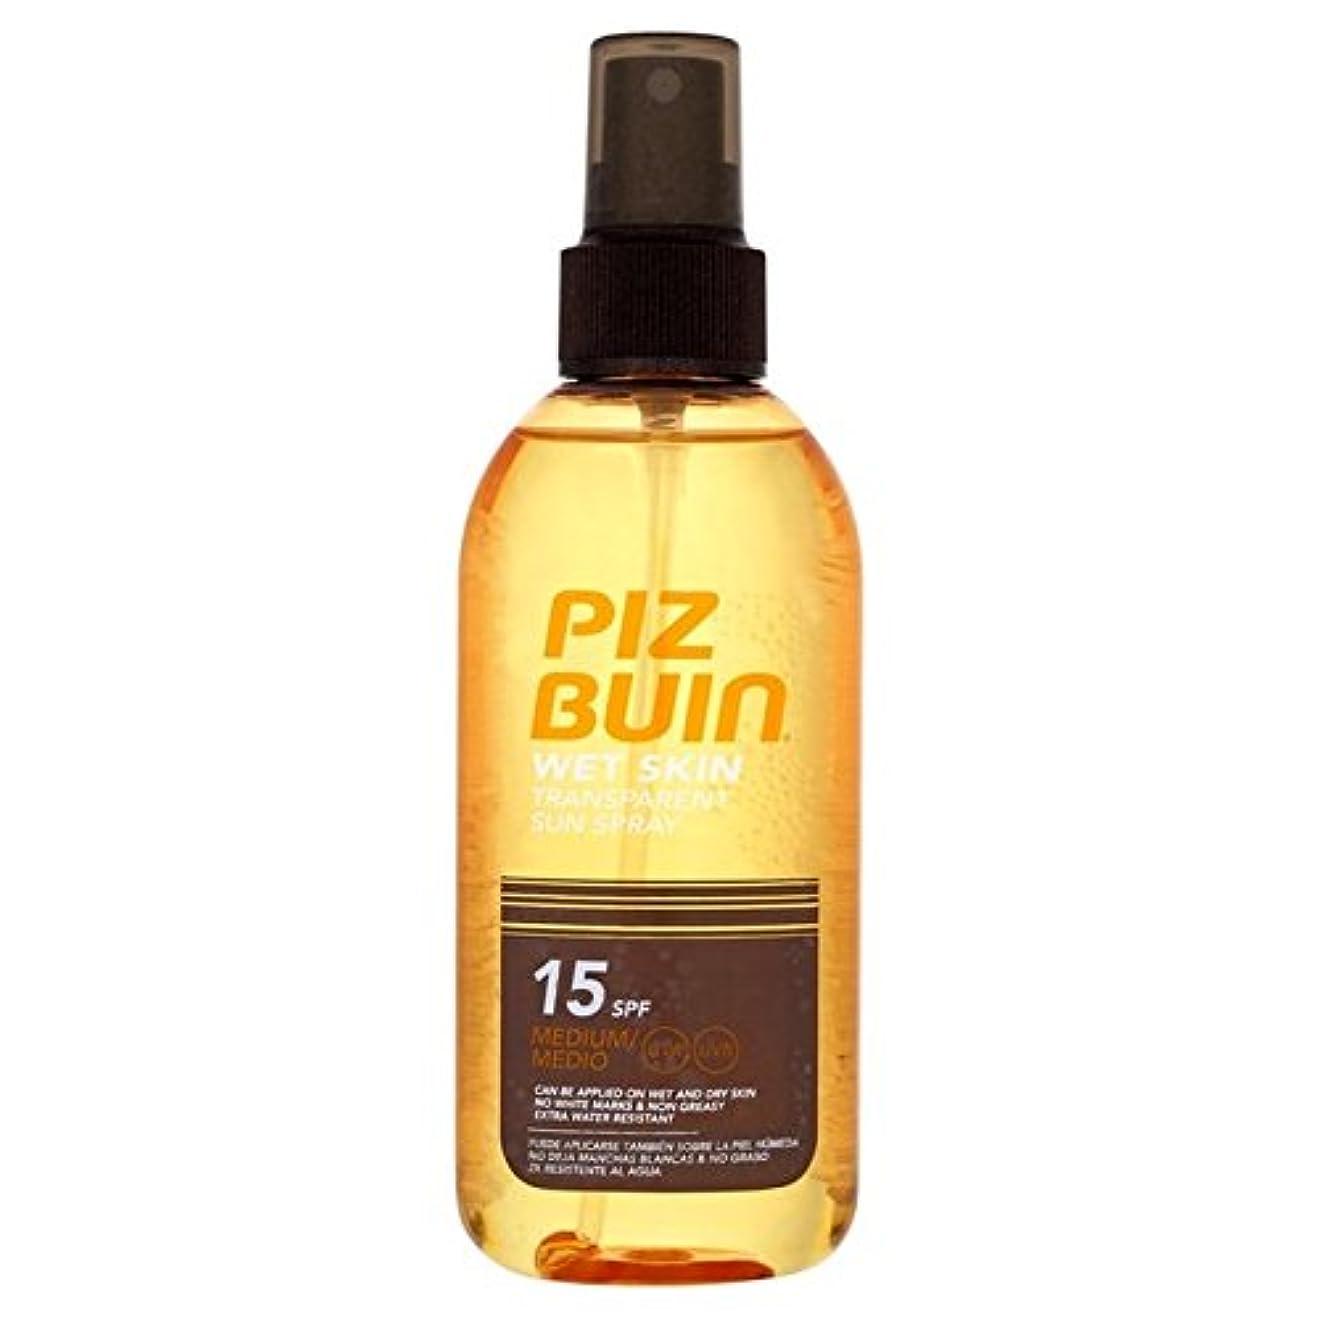 バドミントン範囲慈善ピッツブーインの湿った透明肌15の150ミリリットル x2 - Piz Buin Wet Transparent Skin SPF15 150ml (Pack of 2) [並行輸入品]